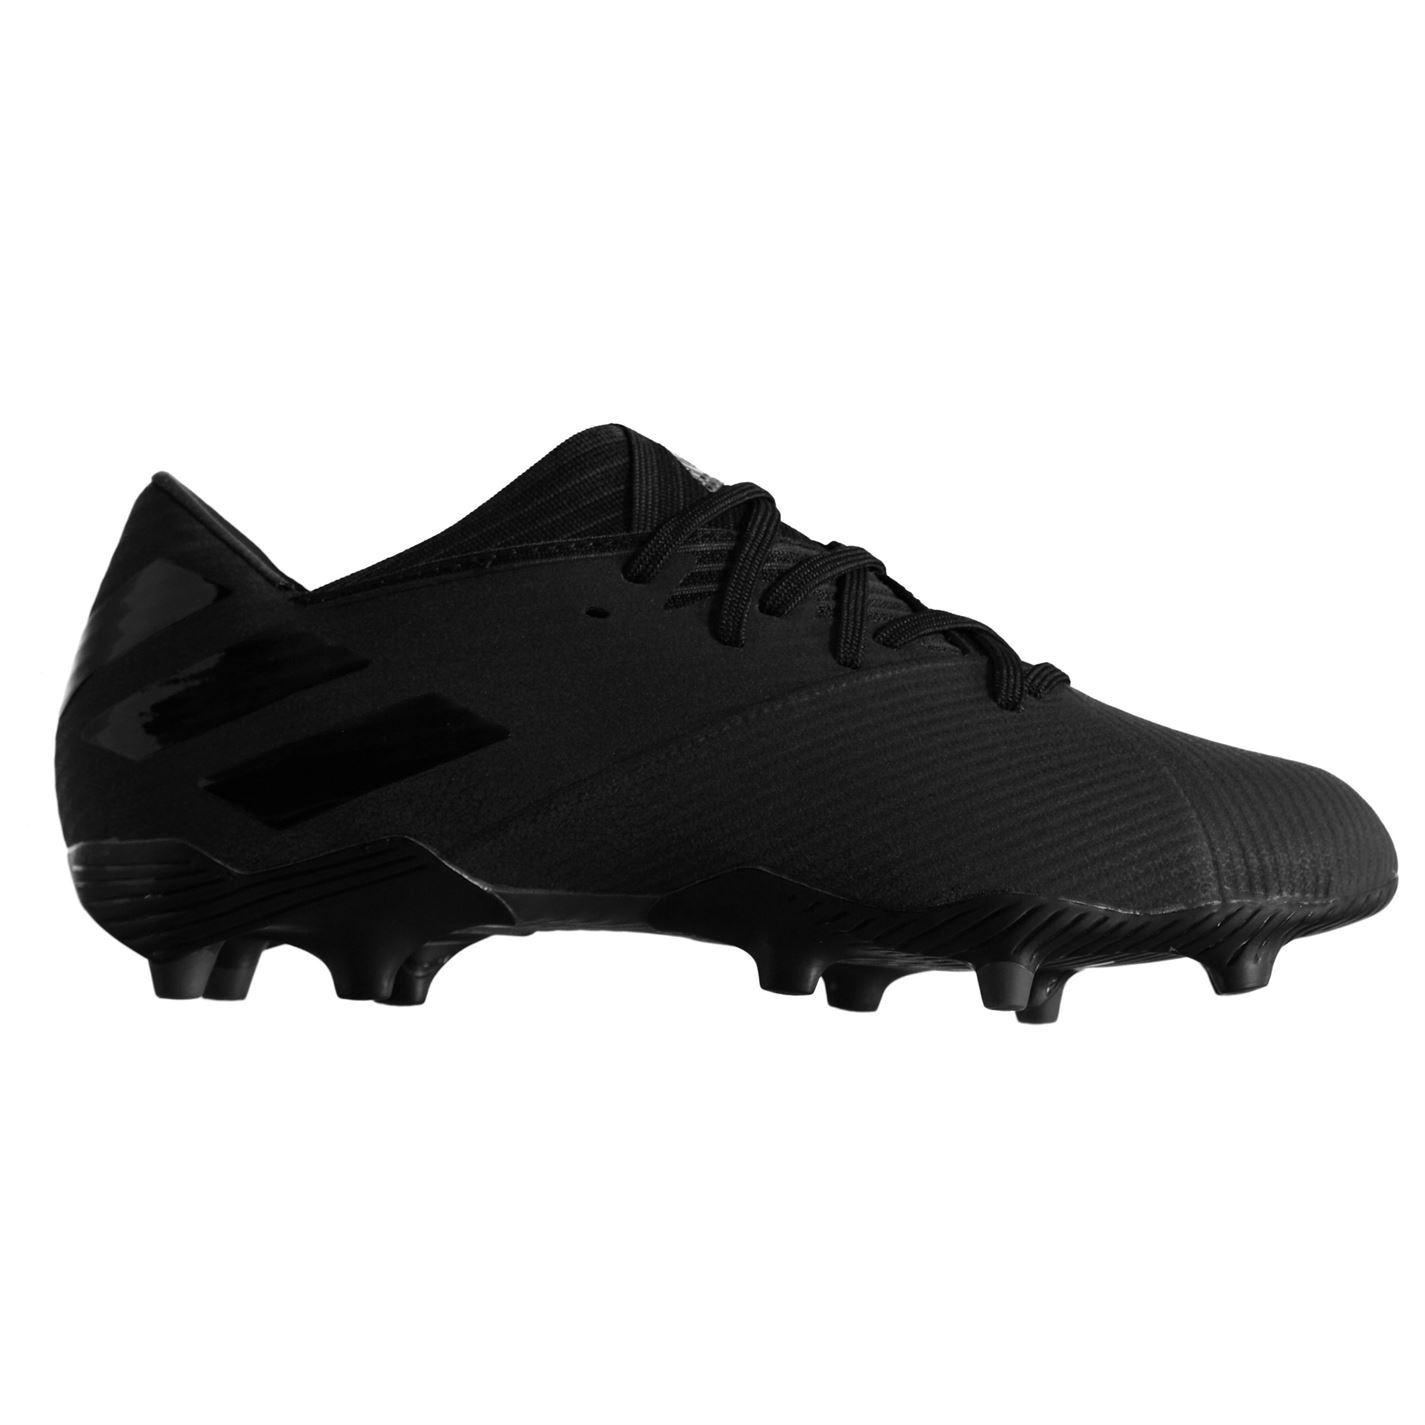 Adidas-nemeziz-19-2-Firm-Ground-FG-Chaussures-De-Football-Hommes-Soccer-Crampons-Chaussures miniature 8